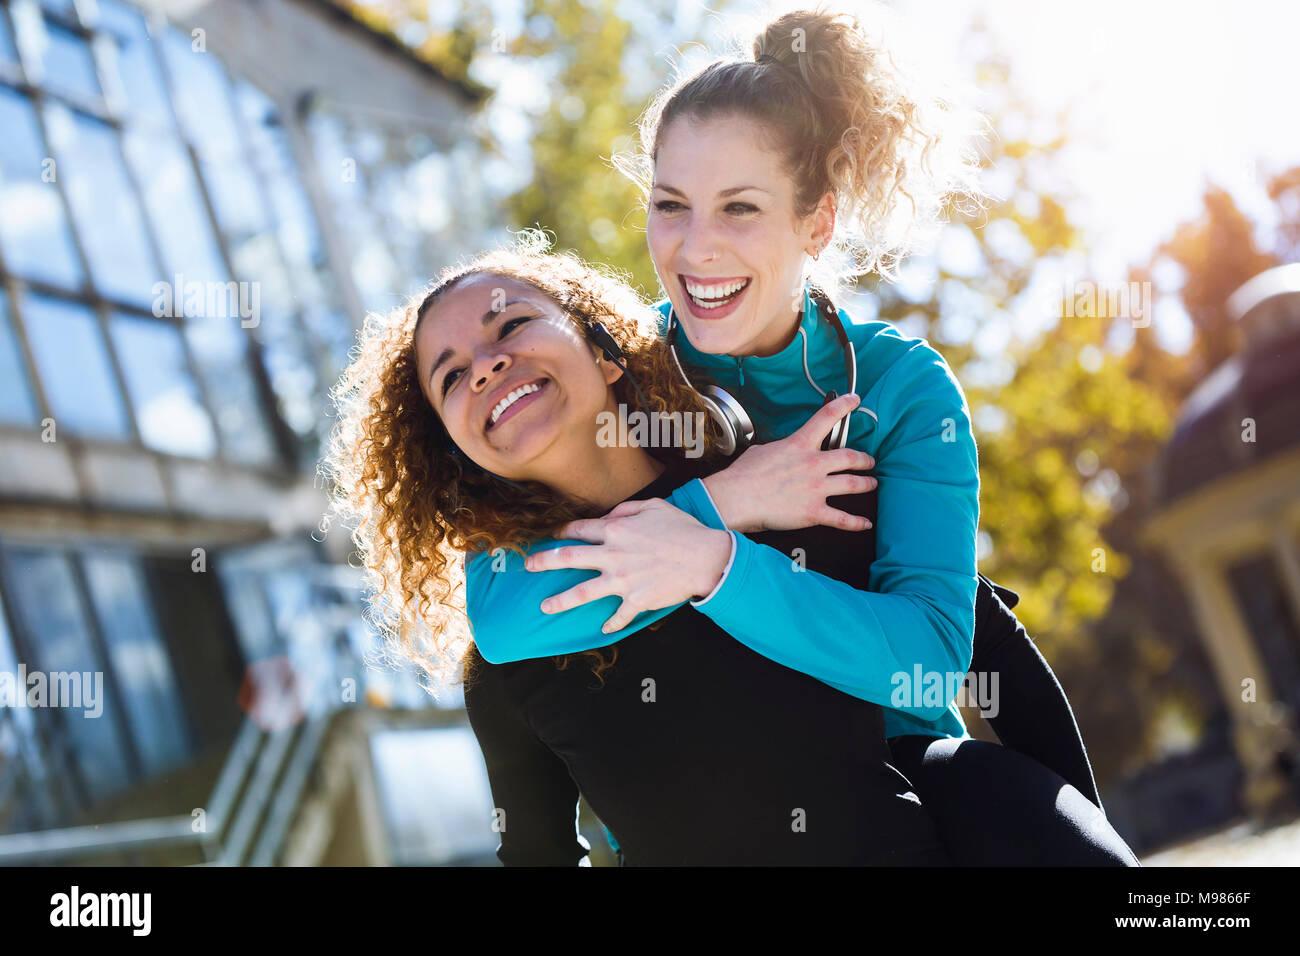 Feliz joven llevando amigo piggyback Imagen De Stock